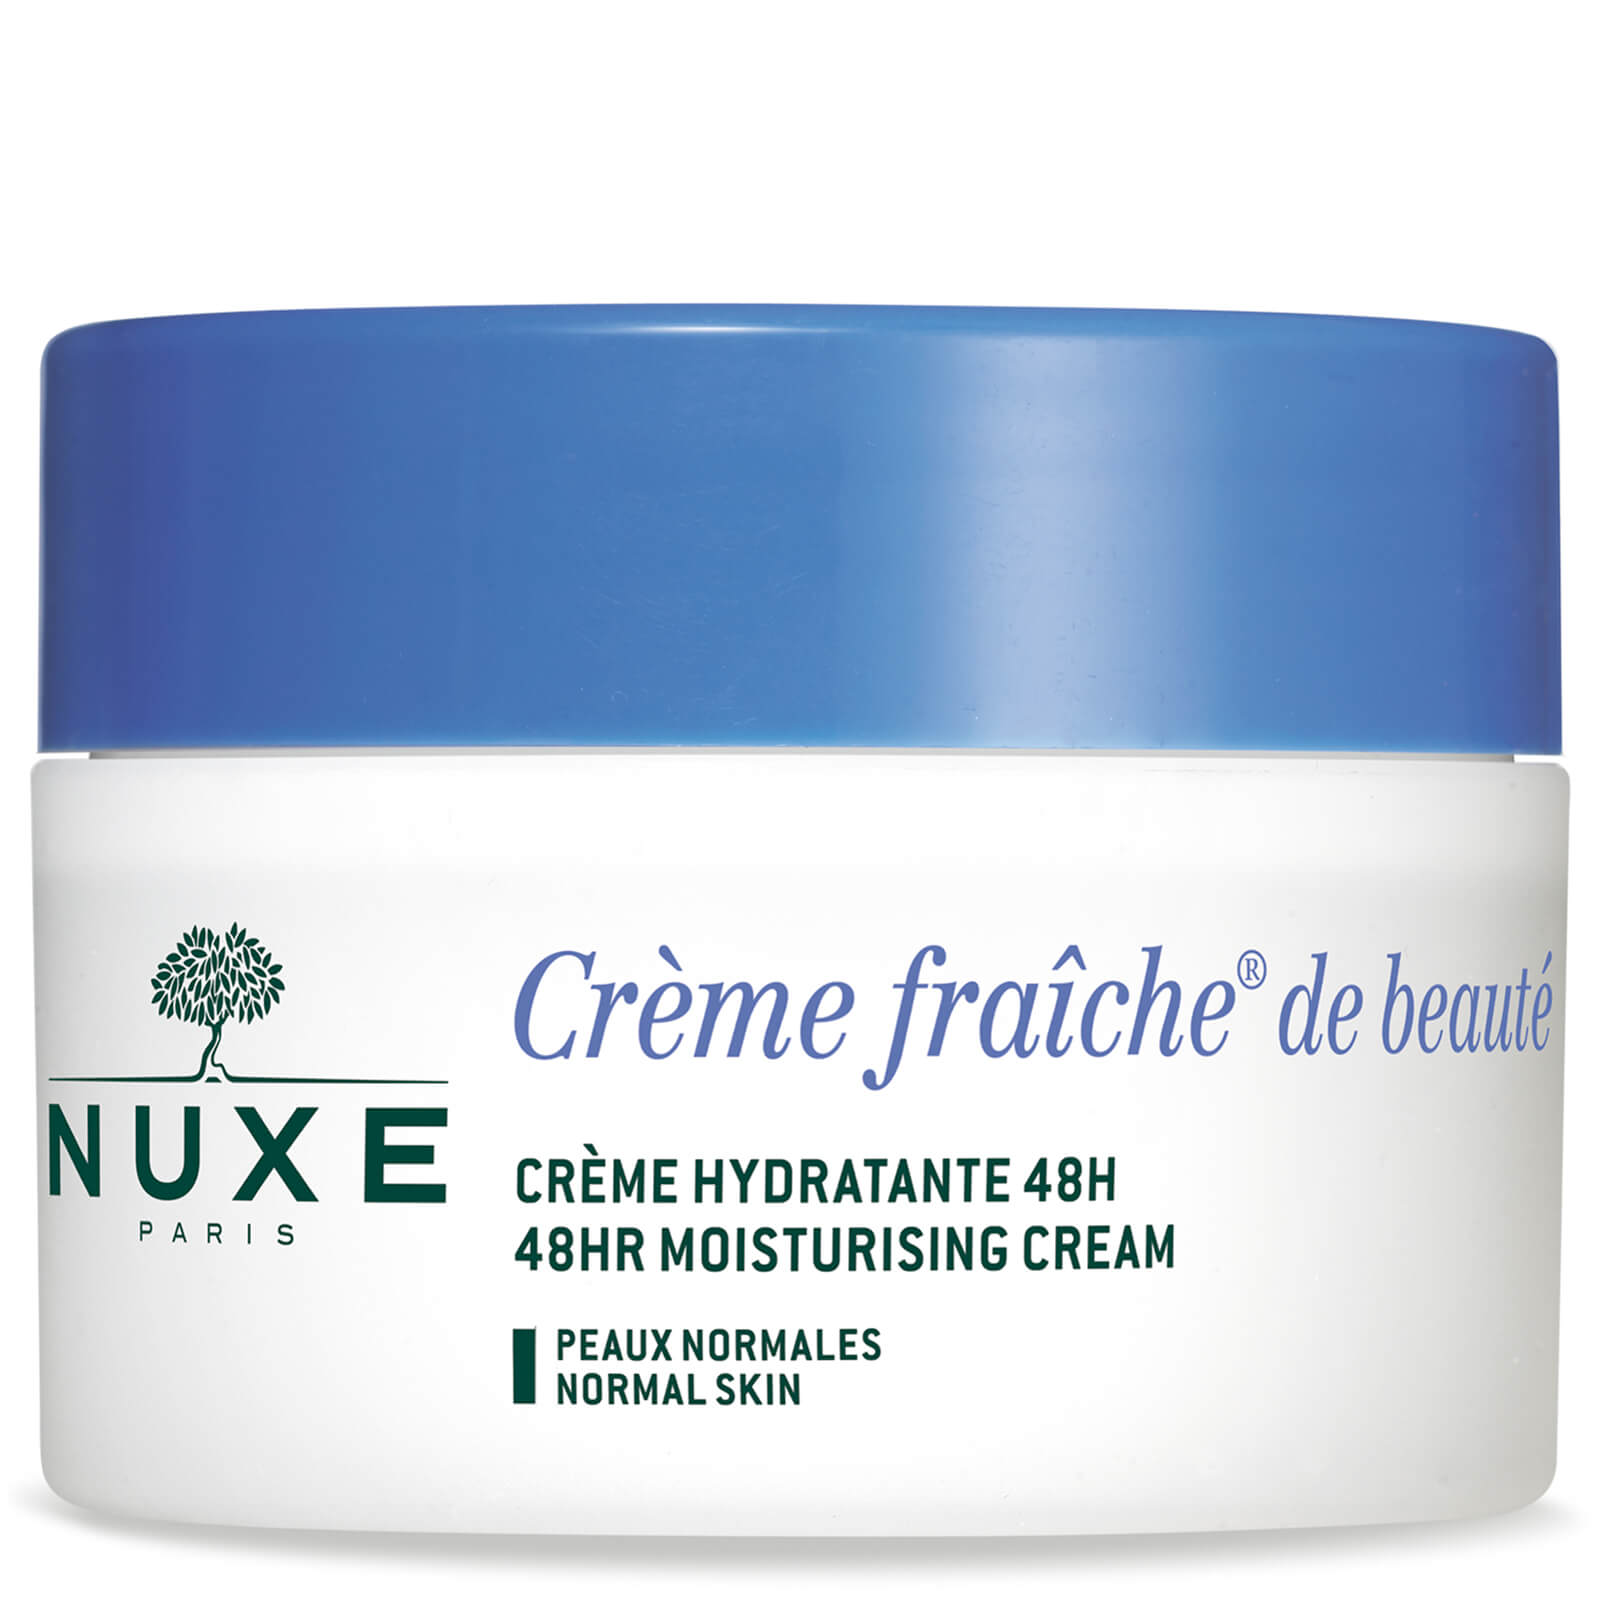 Crema Idratante Nuxe Crème Fraîche De Beauté Per Pelle Normale 50ml